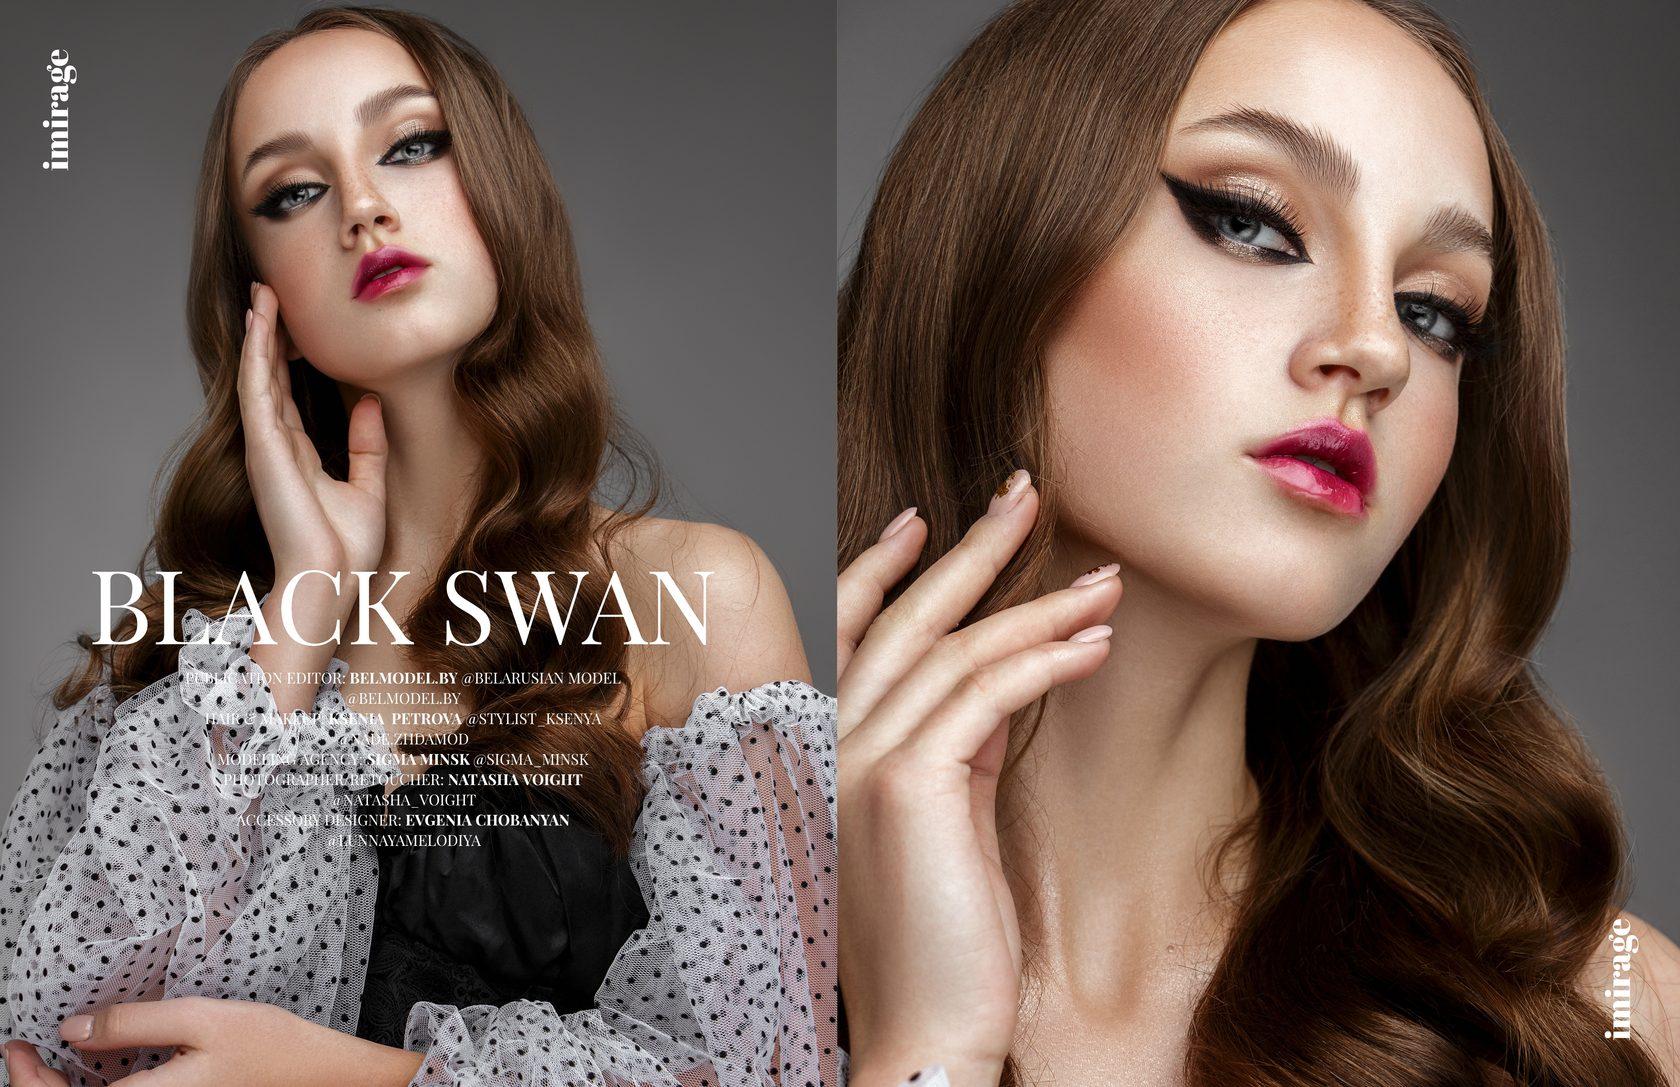 Сигма ростов модельное агентство работа моделью в спб для девушек от 16